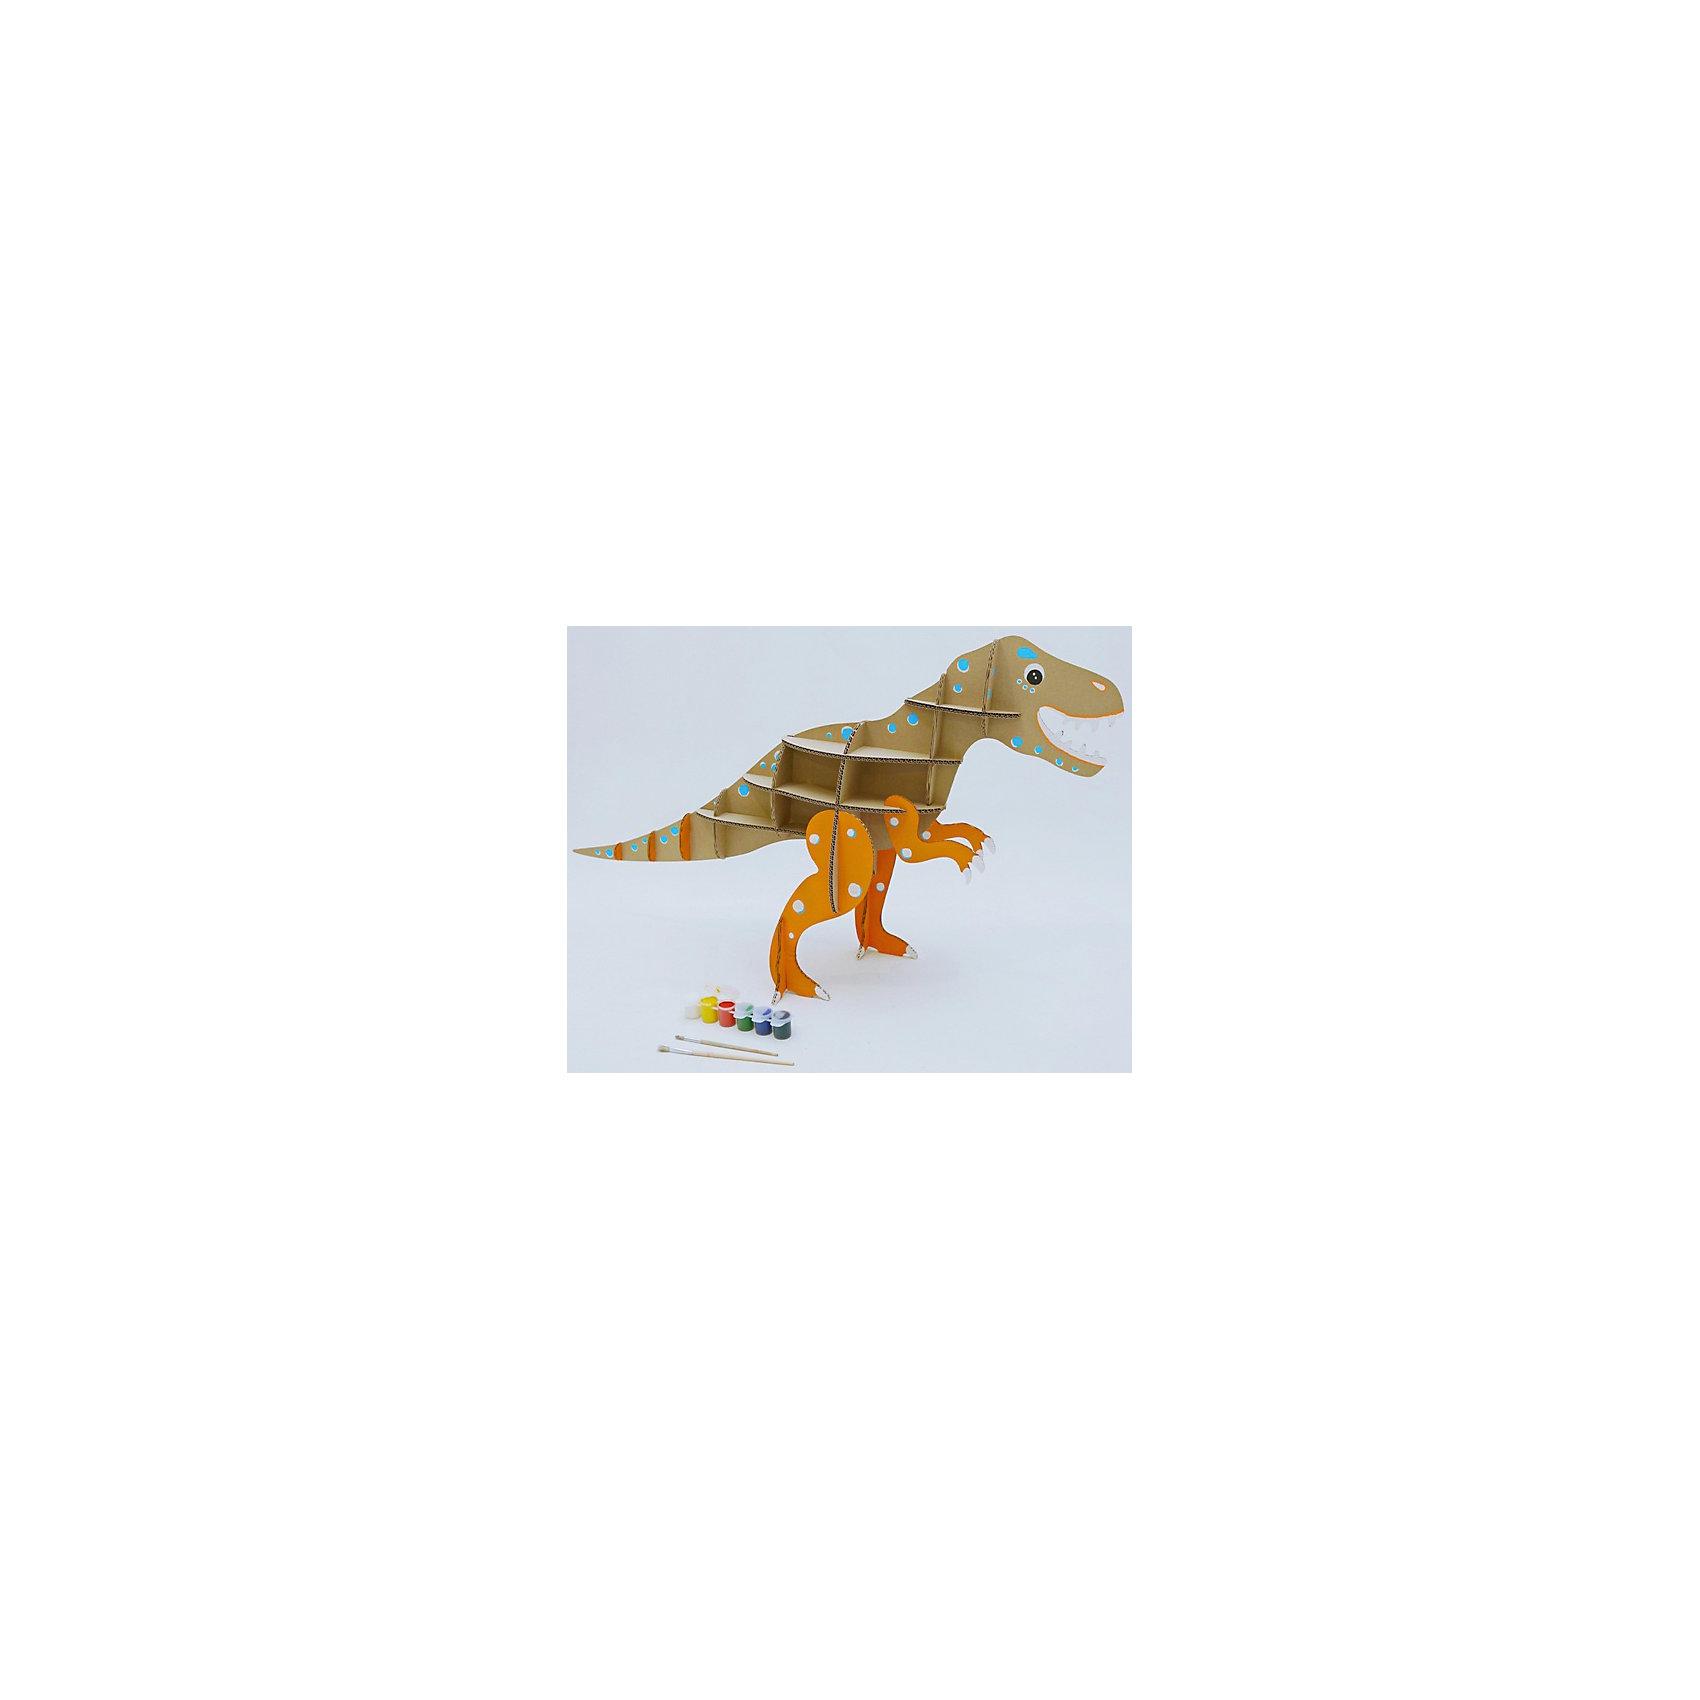 Набор игровой из картона Домашний динозавр: Тираннозавр, крафтБренды конструкторов<br>Характеристики:<br><br>• сборная модель из картонных деталей, без клея и ножниц;<br>• материал: гофрокартон;<br>• комплектация: детали для сборки динозавра, нейлоновые крепления, инструкция;<br>• размер динозавра в собранном виде: 89х83х32 см;<br>• размер упаковки: 46х46х7 см;<br>• вес: 1,3 кг.<br><br>Набор для творчества «Тираннозавр» из серии «Домашний динозавр» предлагает ребятам собрать модель динозавра из картонных деталей. Модель собирается без клея, подробная инструкция объясняет процесс работы. У динозавра бока представлены как полочки, на которых удобно разместятся мелкие игрушечные зверушки, куколки или детские поделки. При желании динозавра можно раскрасить красками, фломастерами или карандашами.<br><br>Набор игровой из картона Домашний динозавр: Тираннозавр, крафт можно купить в нашем магазине.<br><br>Ширина мм: 460<br>Глубина мм: 460<br>Высота мм: 65<br>Вес г: 1100<br>Возраст от месяцев: 36<br>Возраст до месяцев: 2147483647<br>Пол: Унисекс<br>Возраст: Детский<br>SKU: 5253048